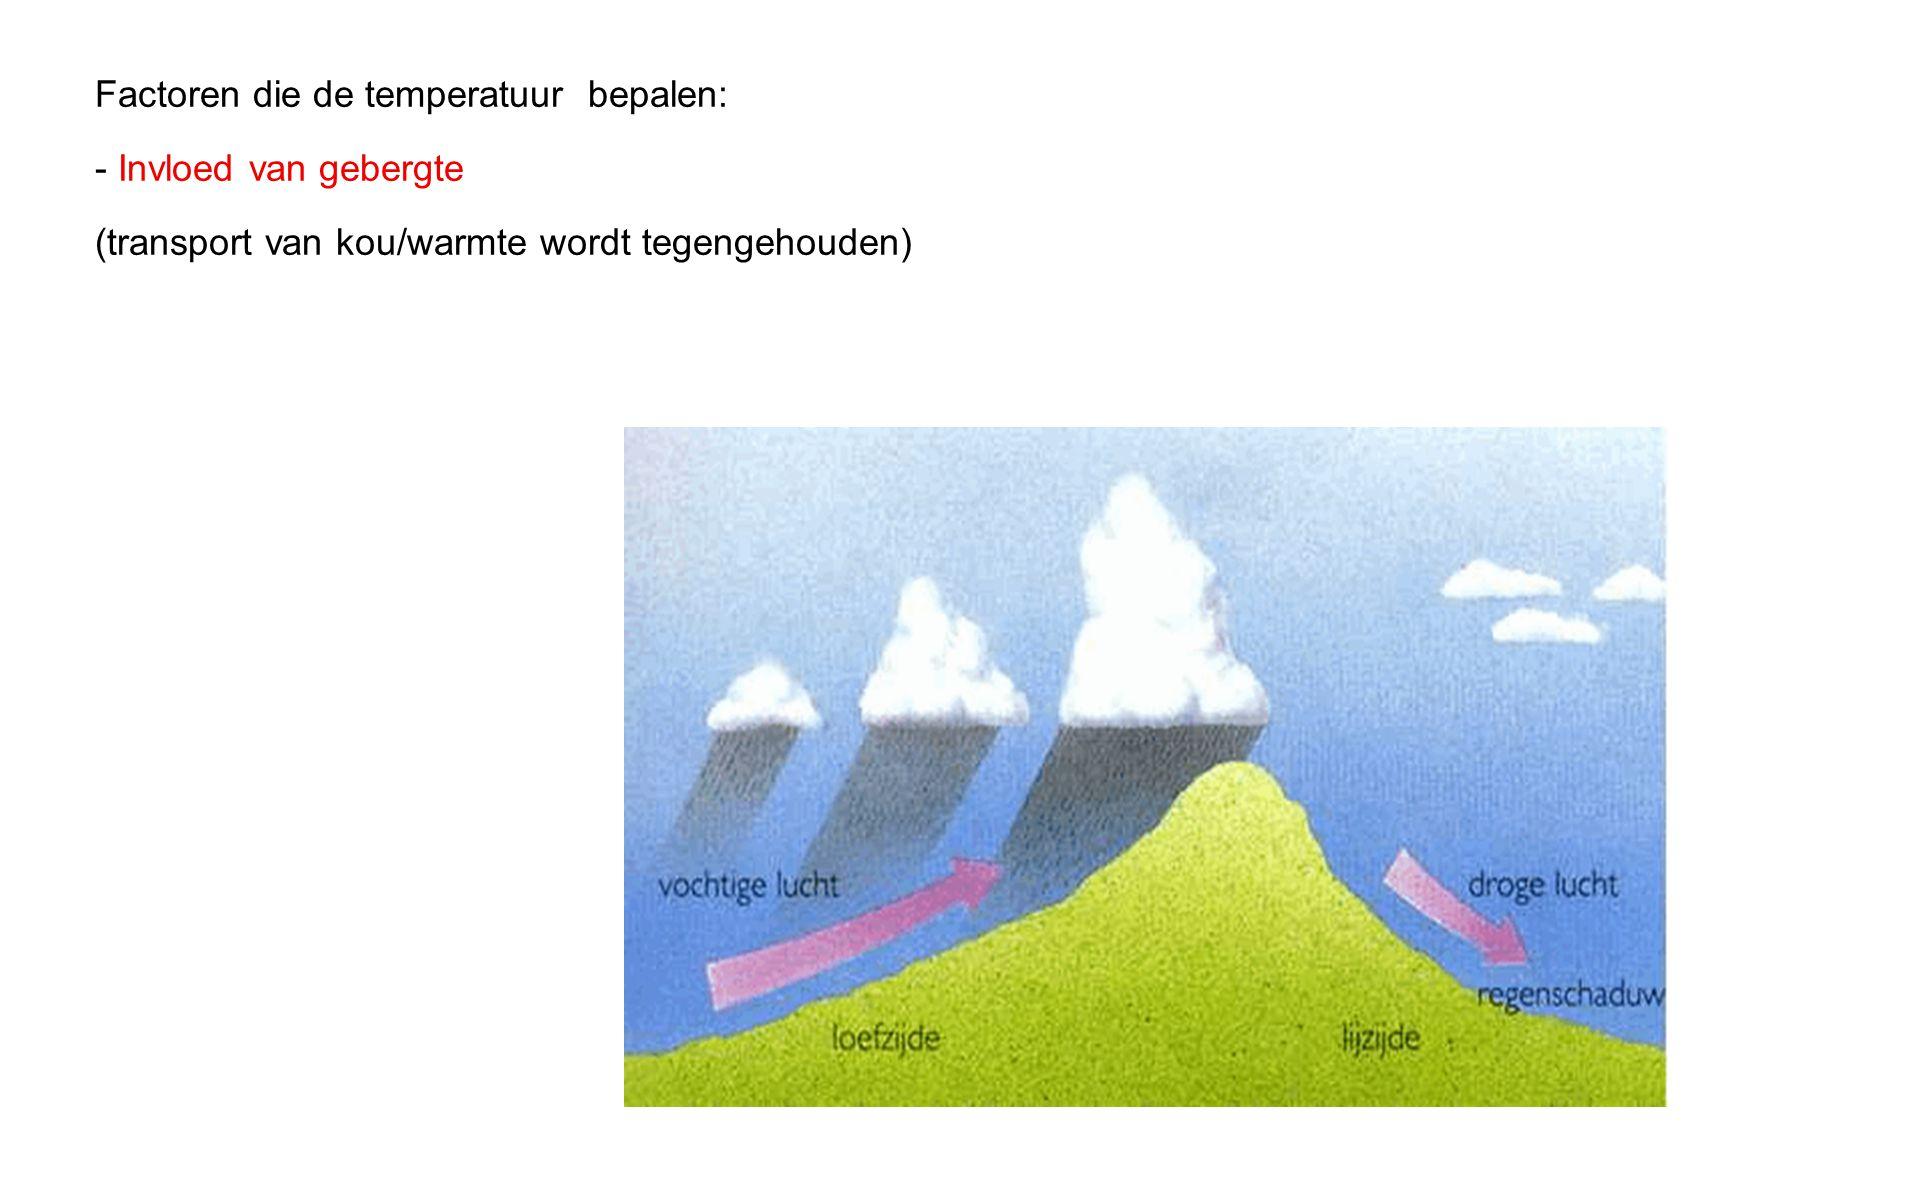 Factoren die de temperatuur bepalen: - Invloed van gebergte (transport van kou/warmte wordt tegengehouden)